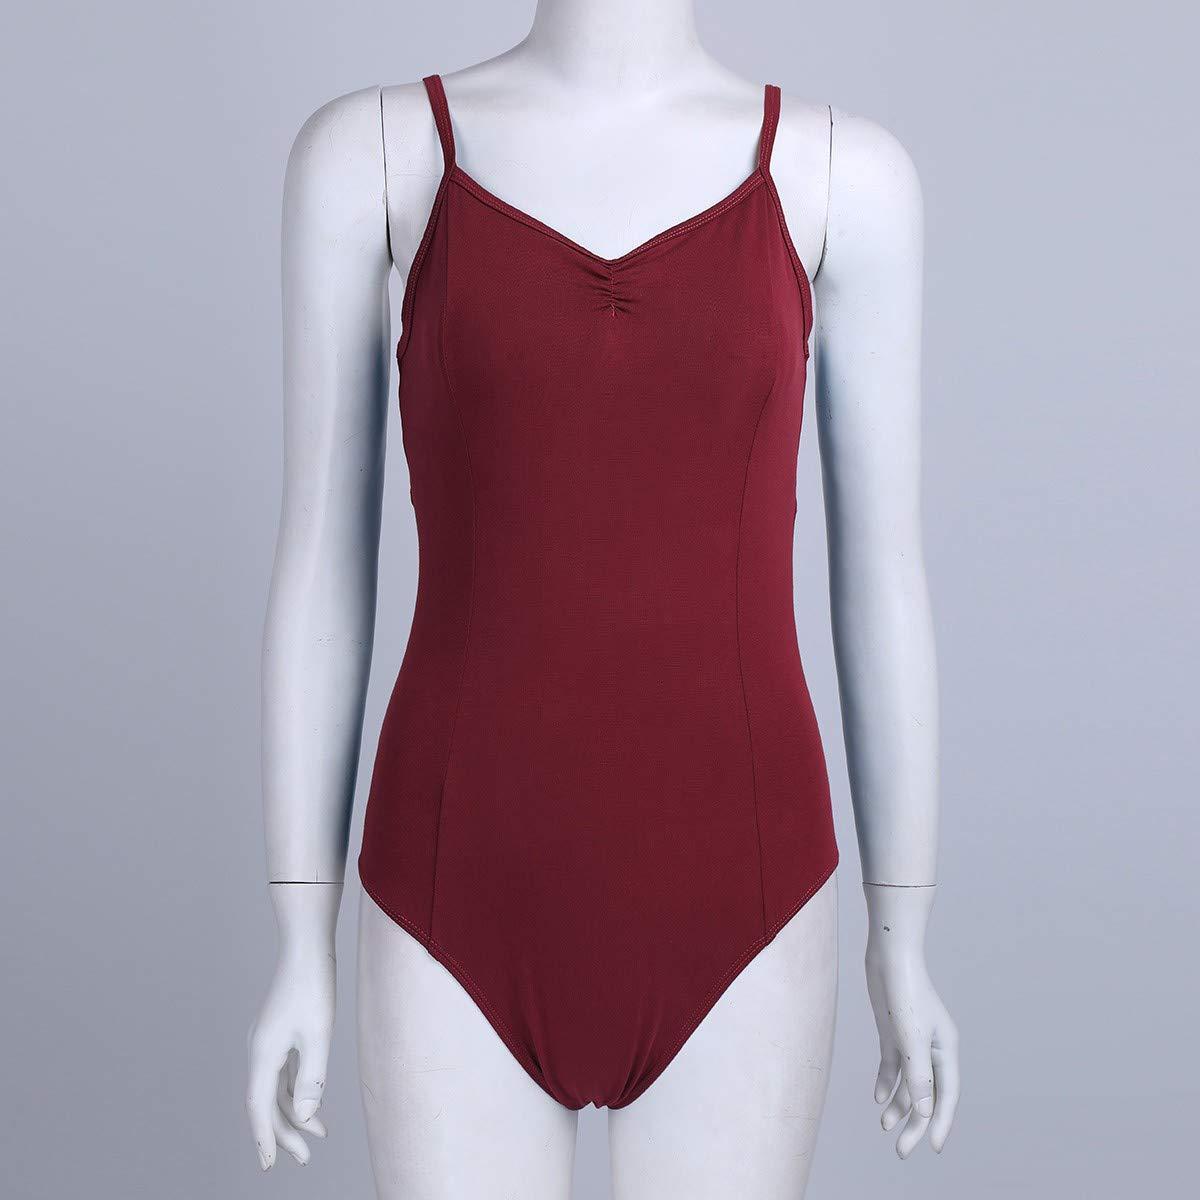 YiZYiF Femme Justaucorps de Danse Ballet Léotard de Gymnastique Bodysuit de  Danse Classique Body de Sport Yoga Combinaison à Bretelle Costume Danse  Romper ... b8da9aab23c